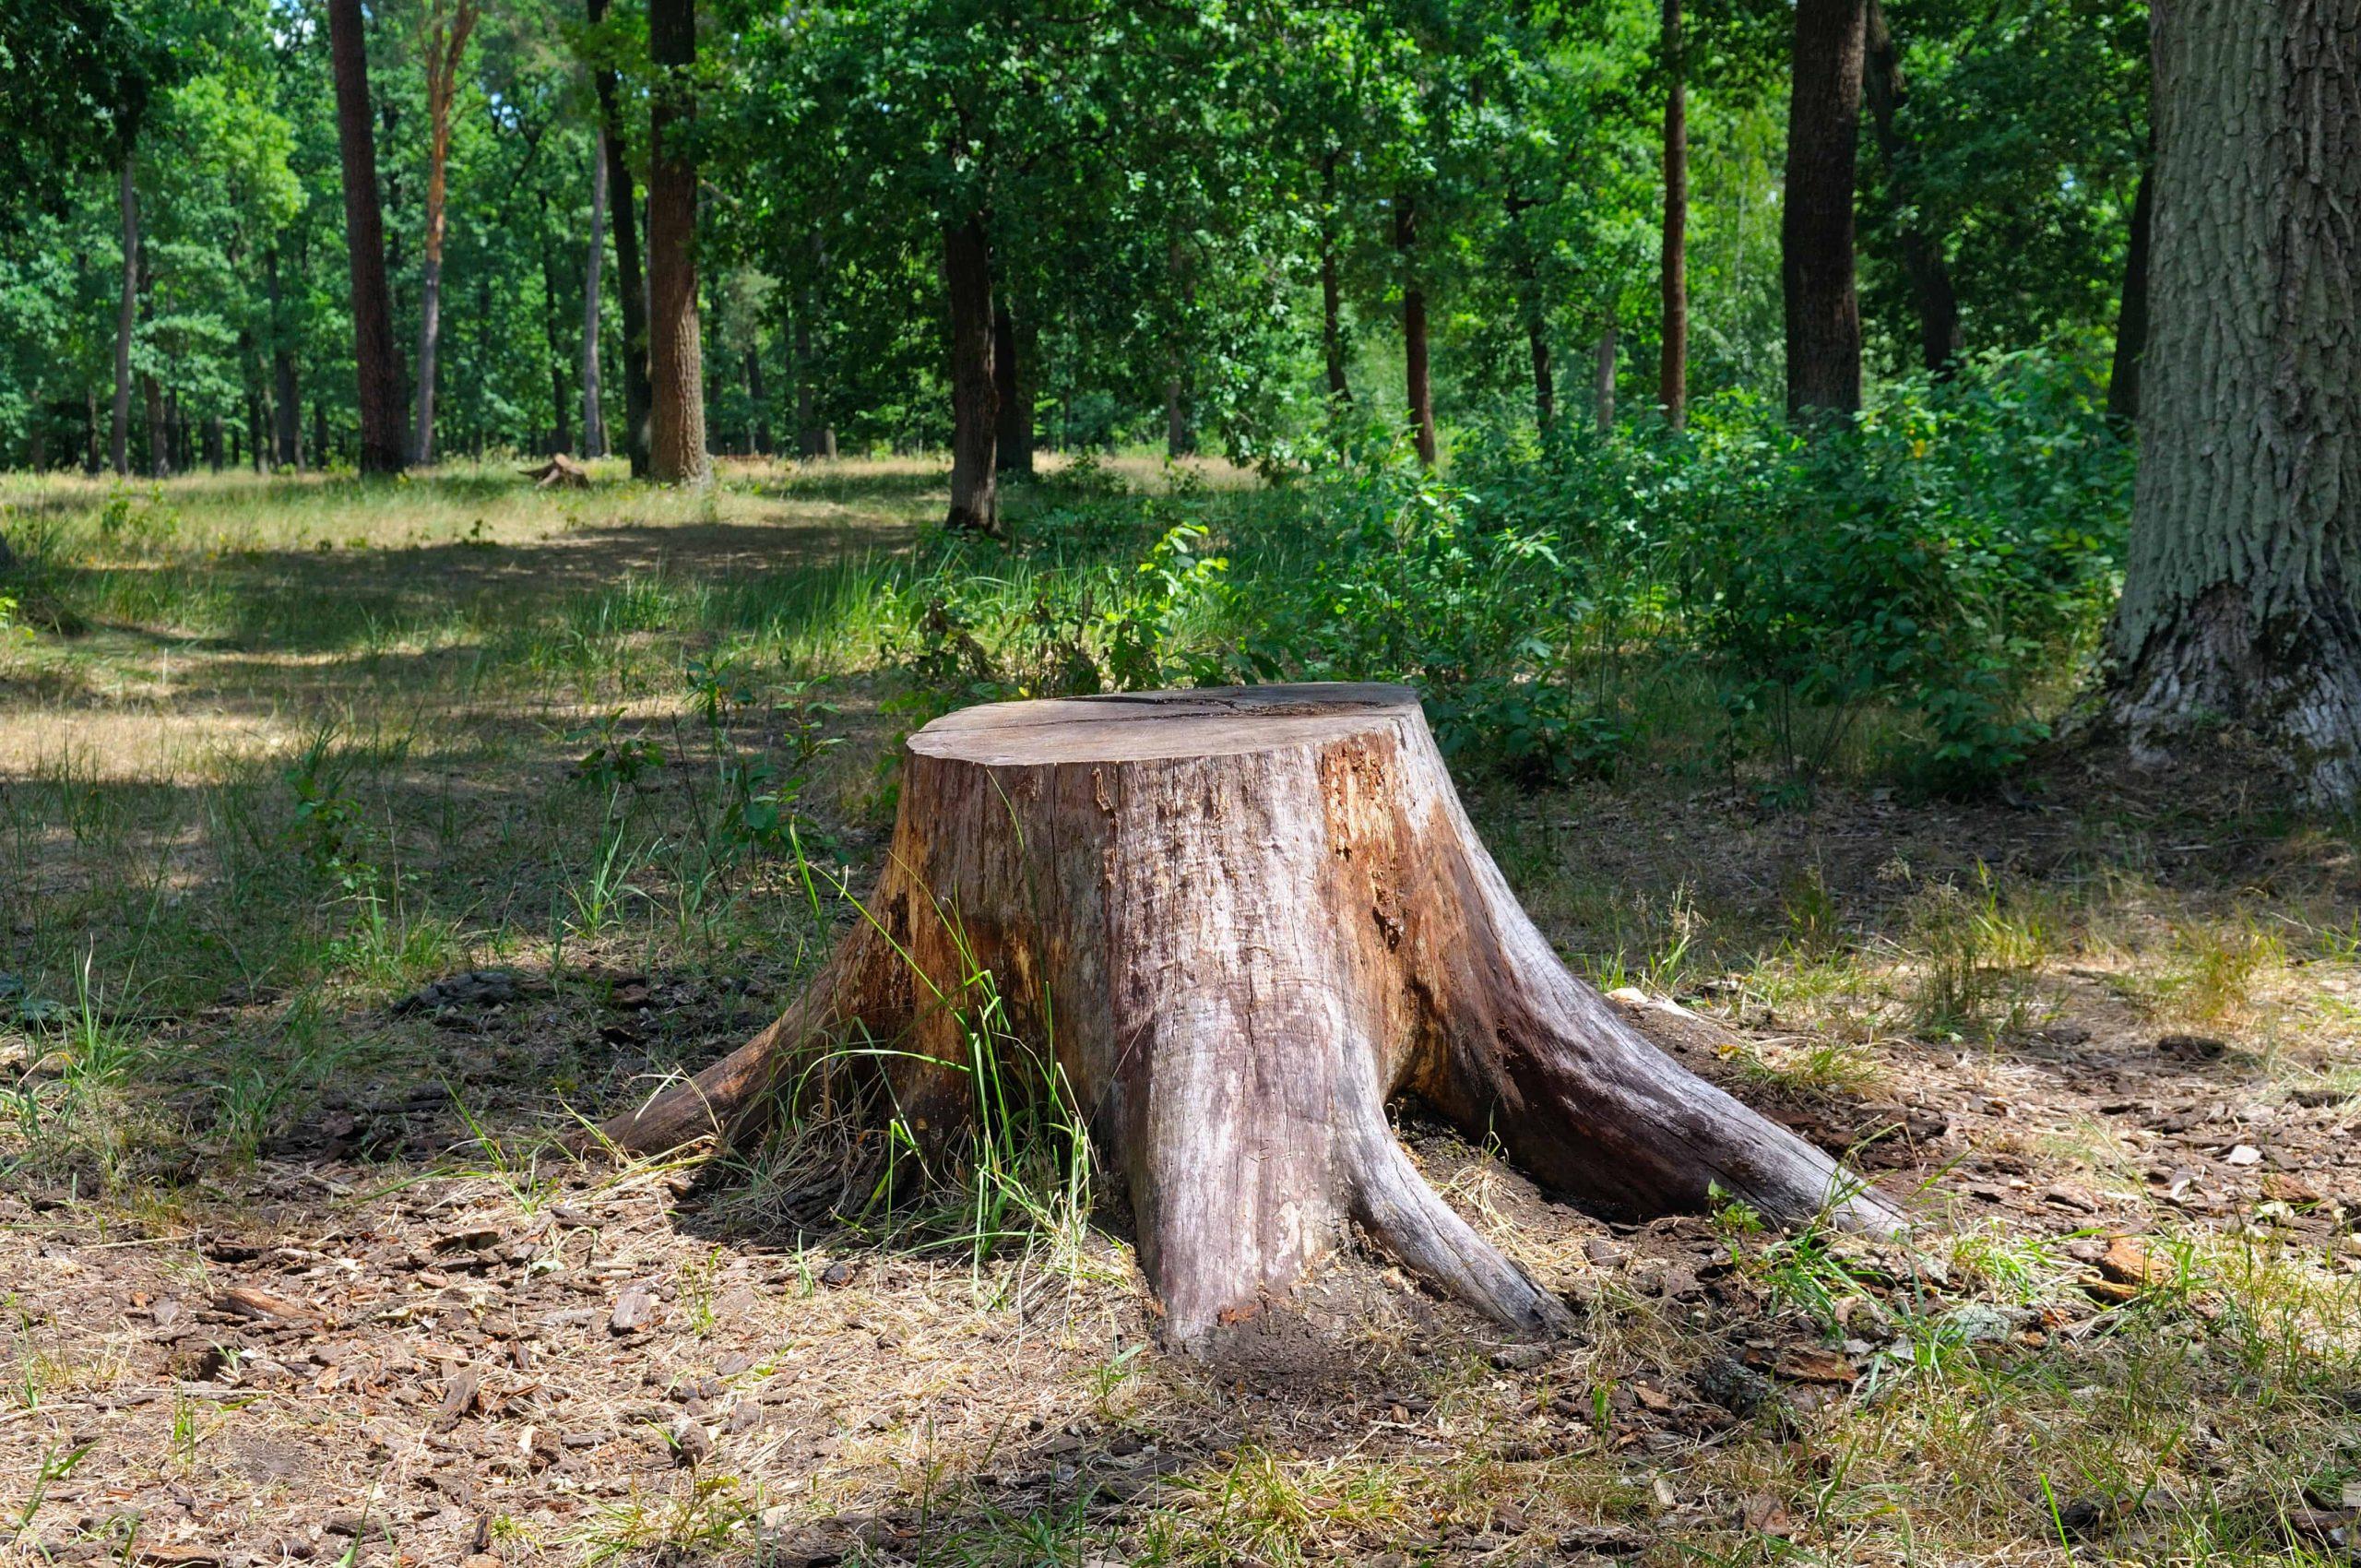 Baumstumpf entfernen: Einfache Methoden und nützliche Anleitung